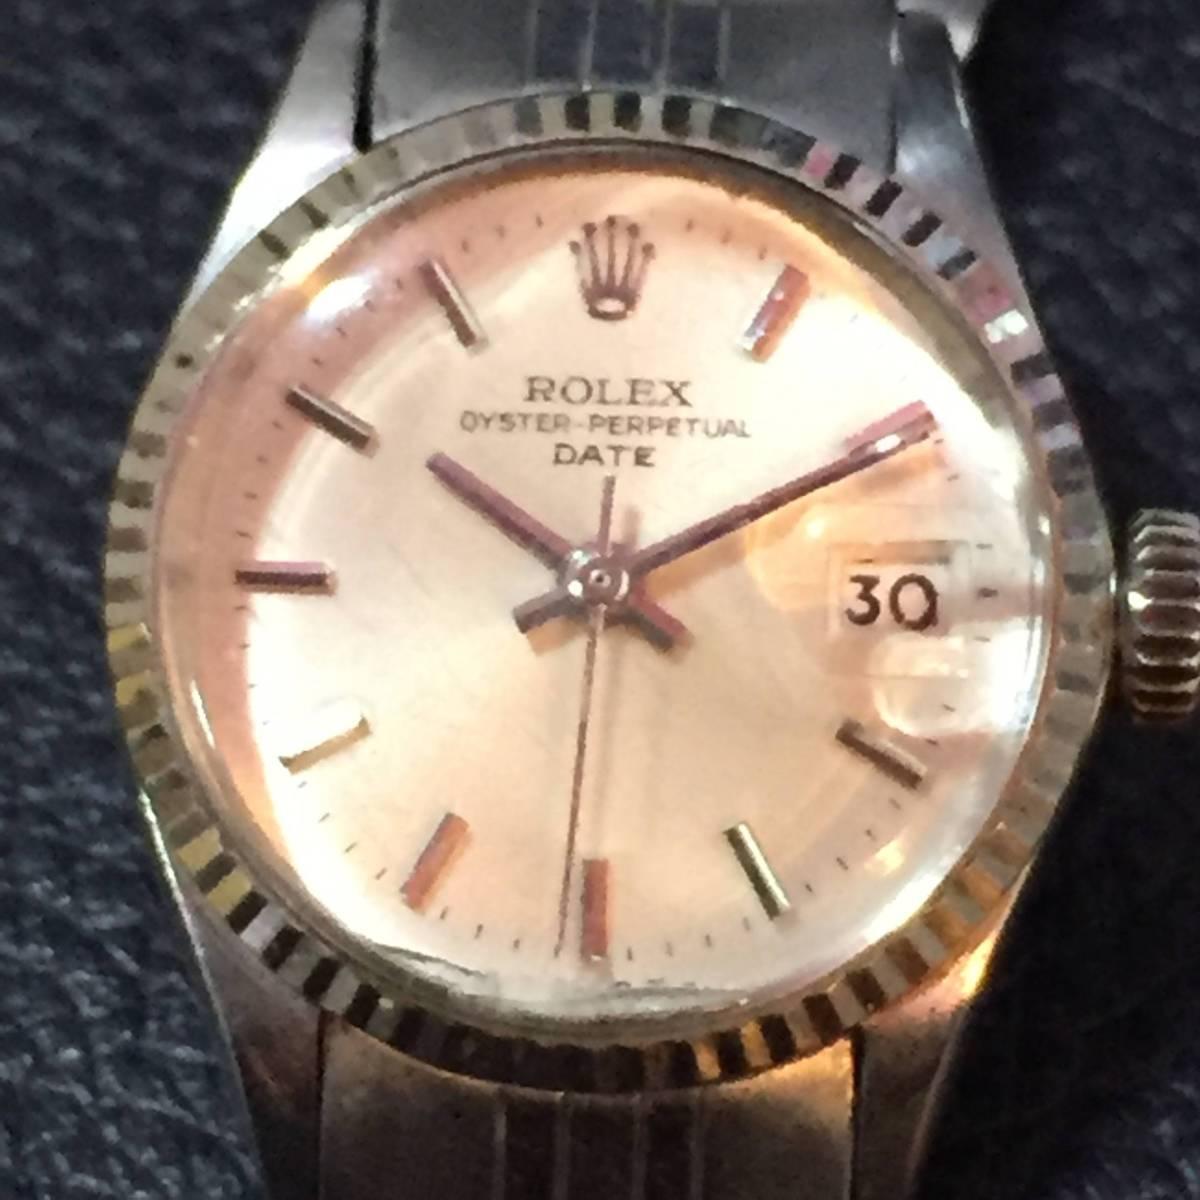 ※動作品 現状品 ROLEX ロレックス レディース デイトジャスト Ref.6924 手巻き腕時計 本体のみ【3002091548/B-2】_画像2